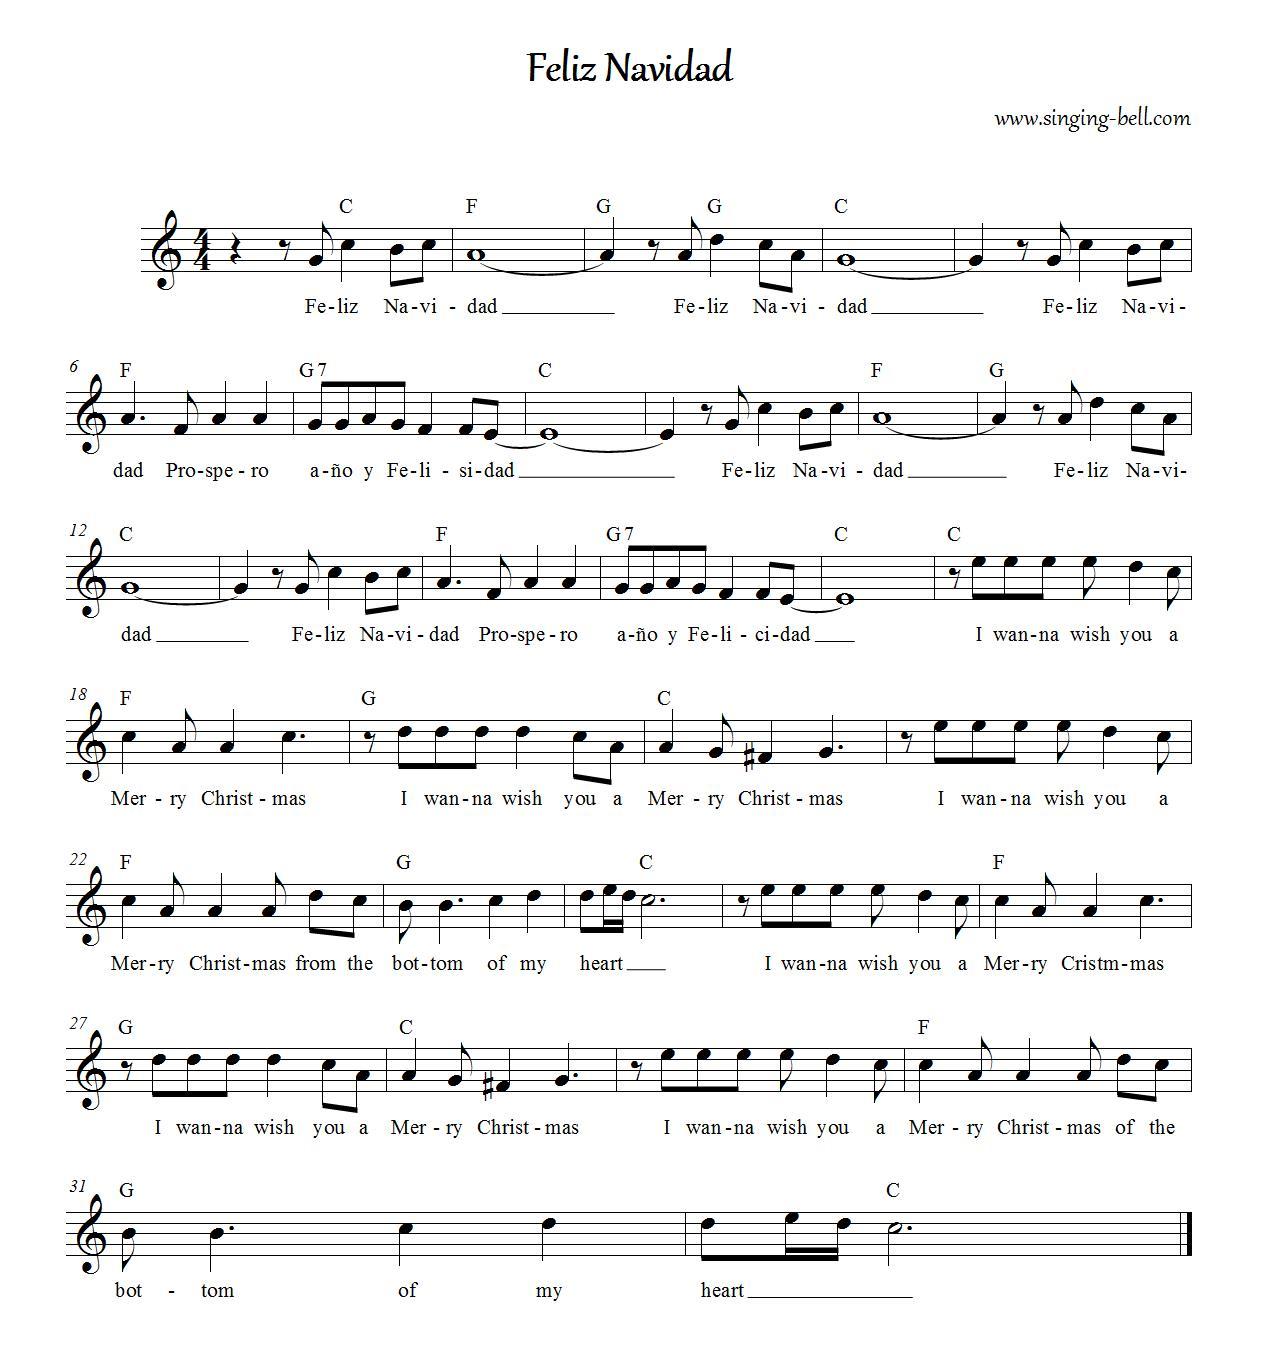 Feliz Navidad Cancion Original.Feliz Navidad Free Christmas Karaoke Songs